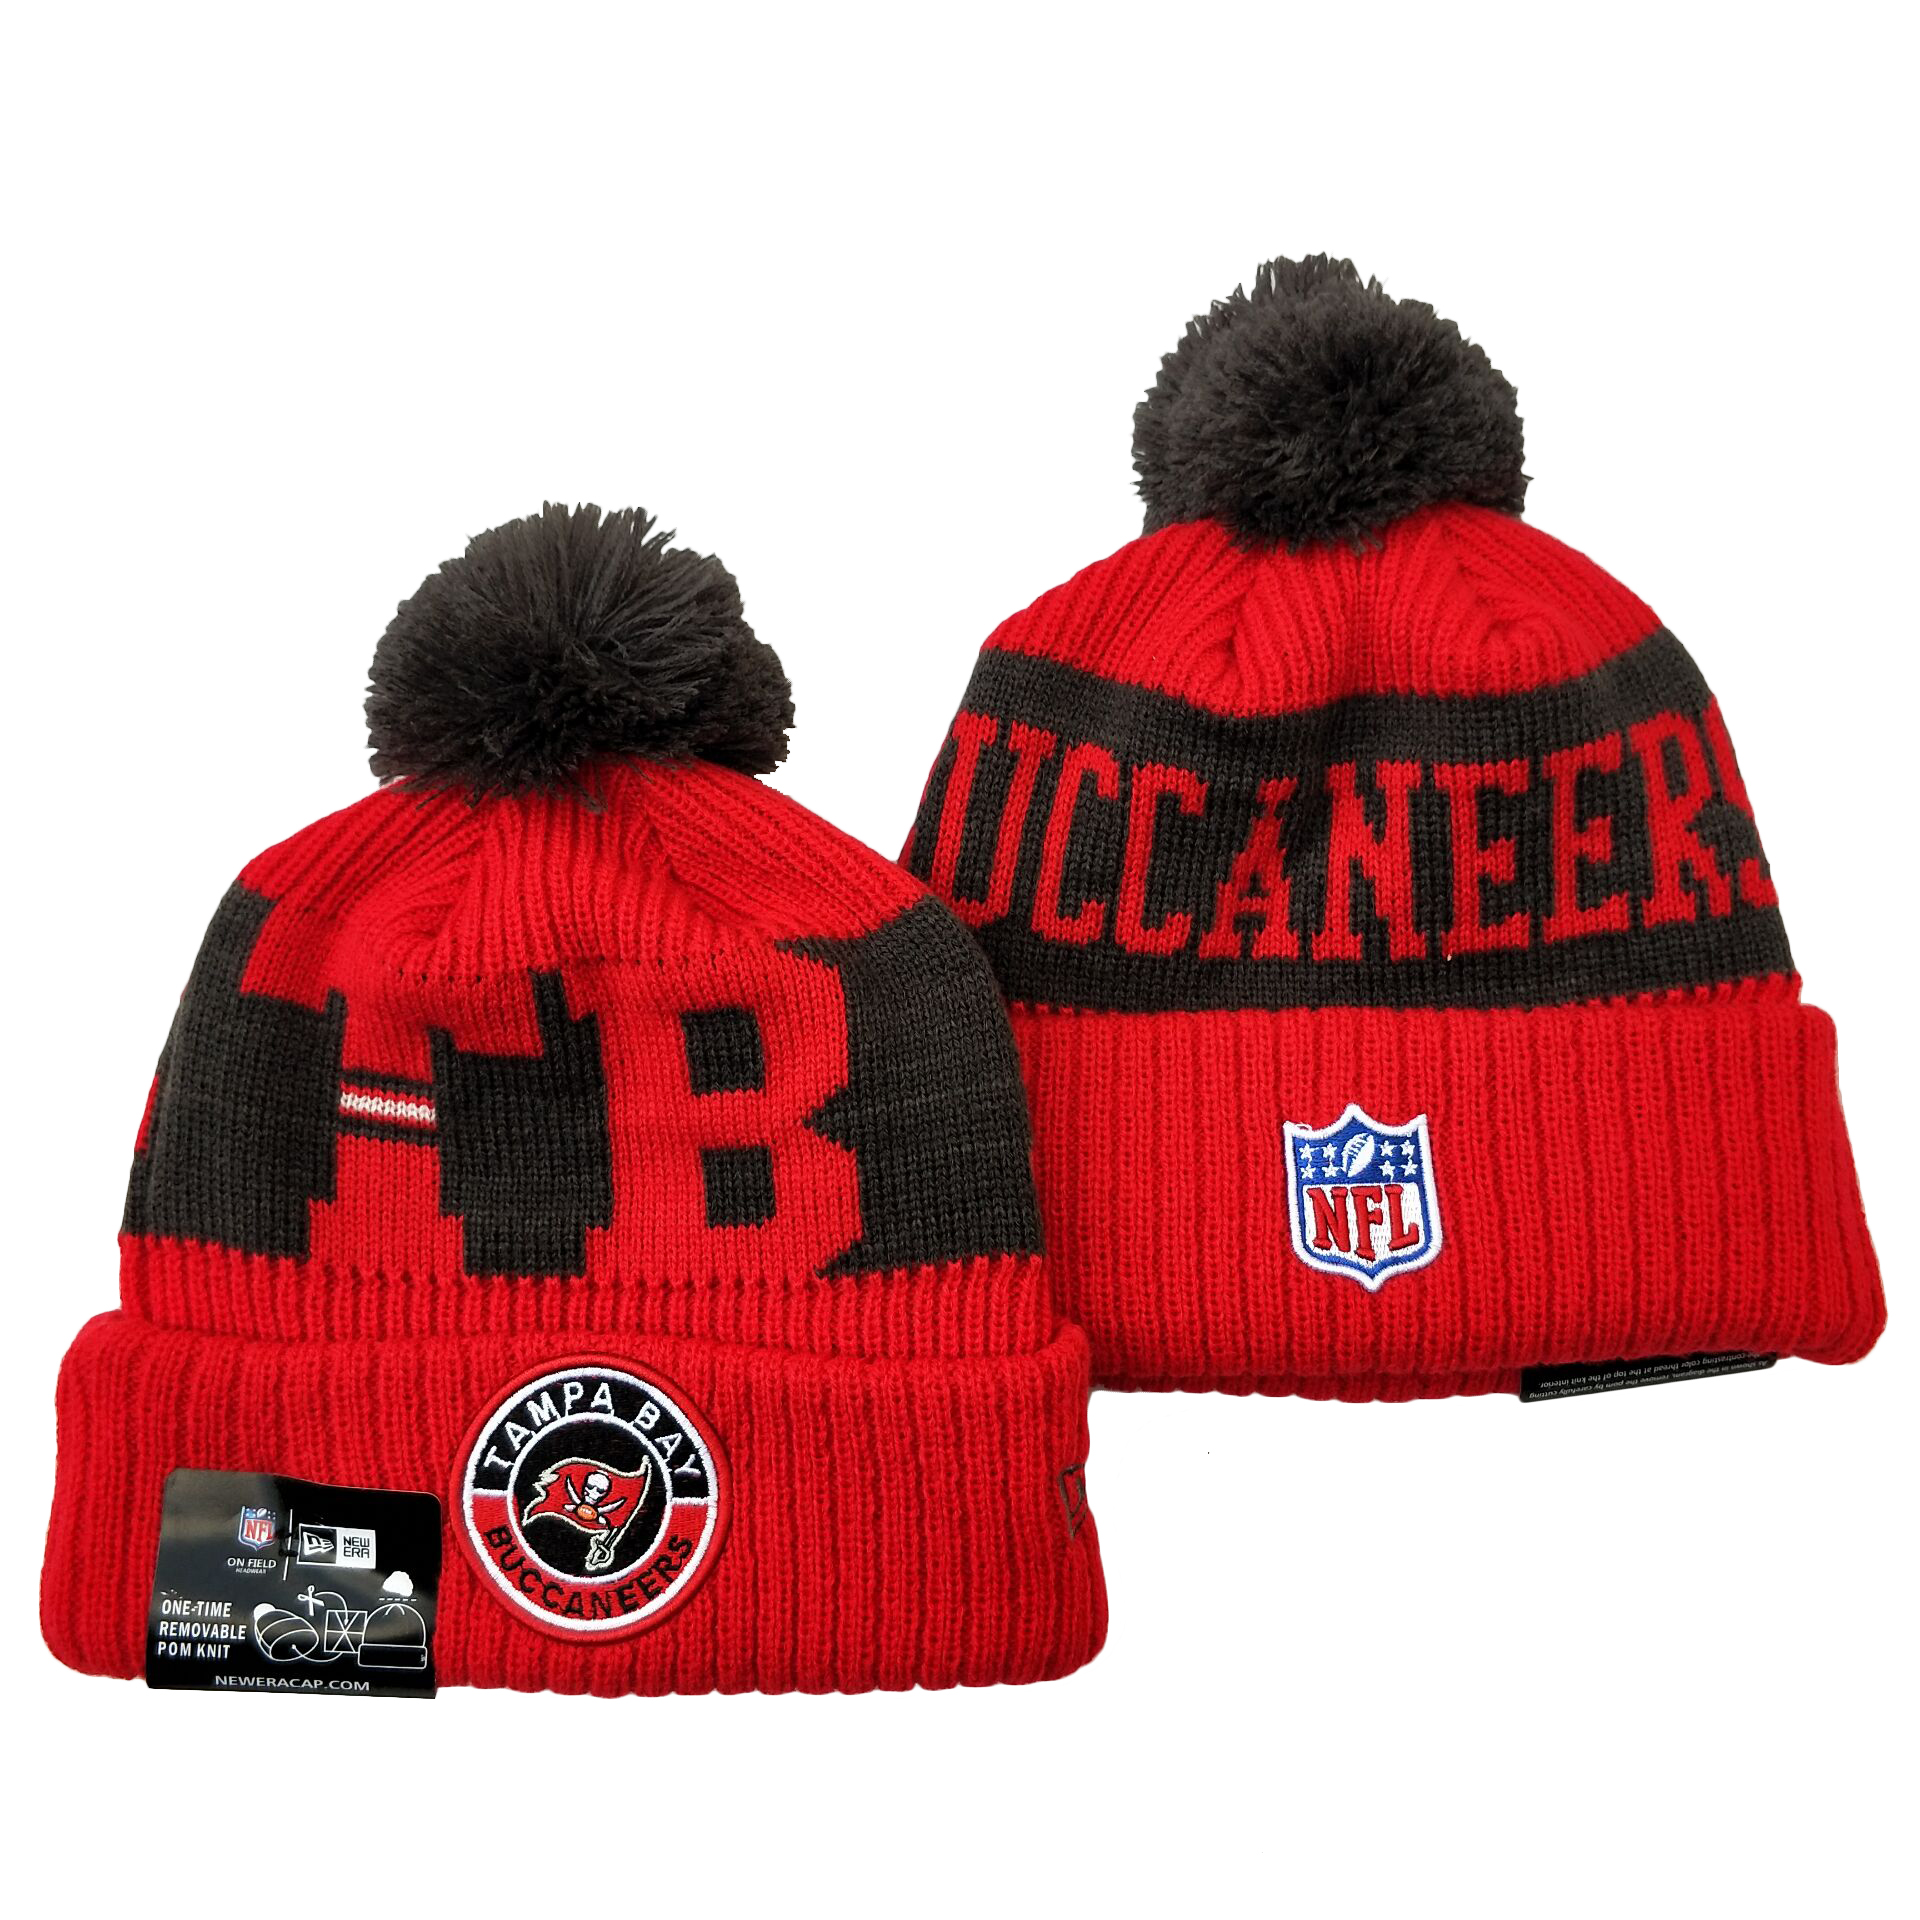 Buccaneers Team Logo Red 2020 NFL Sideline Pom Cuffed Knit Hat YD